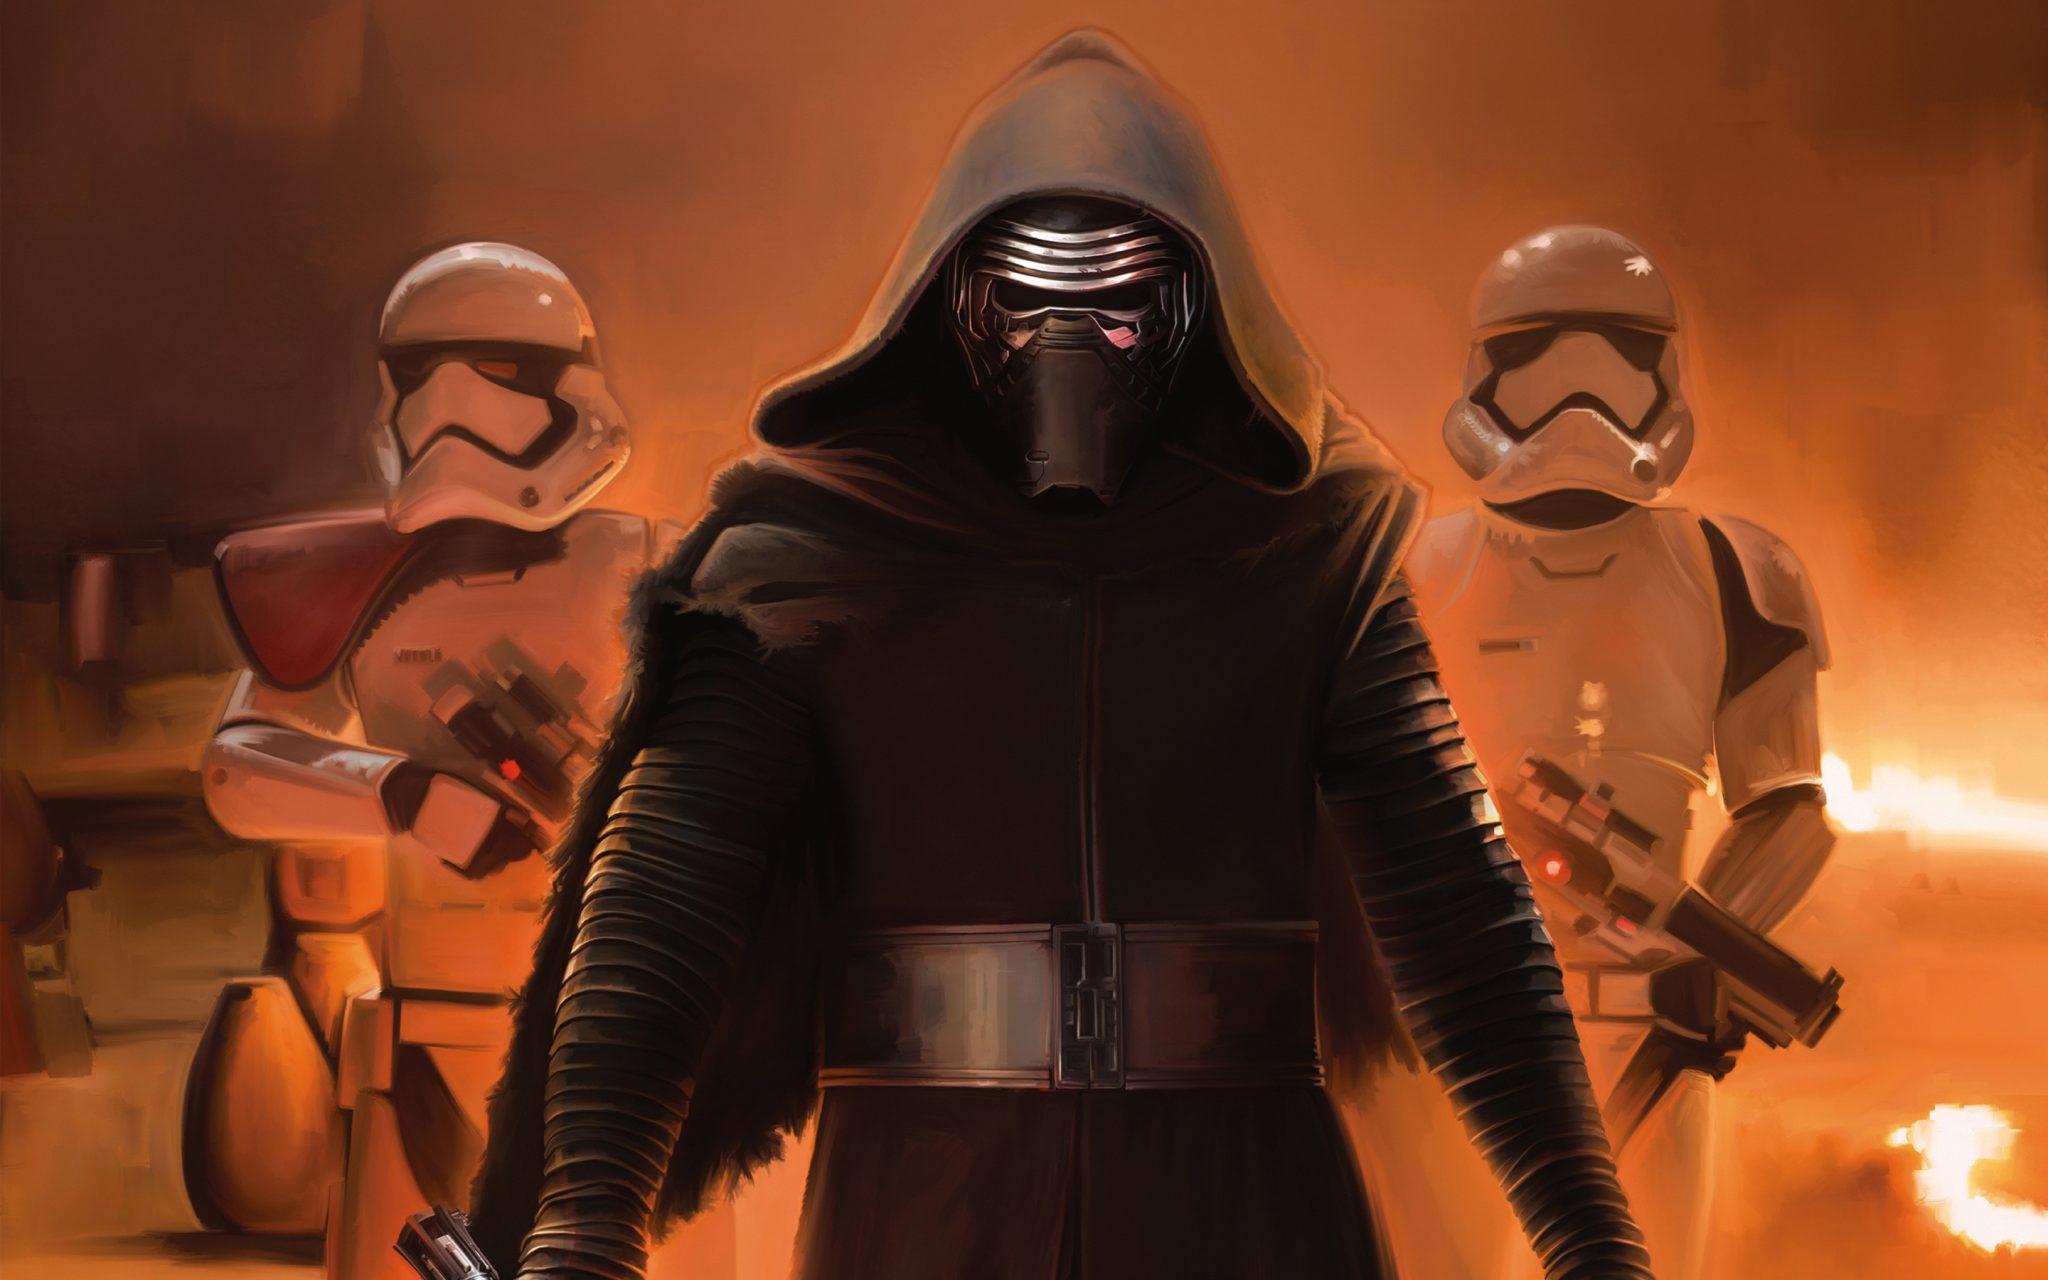 star_wars_the_force_awakens_kylo_ren-wide